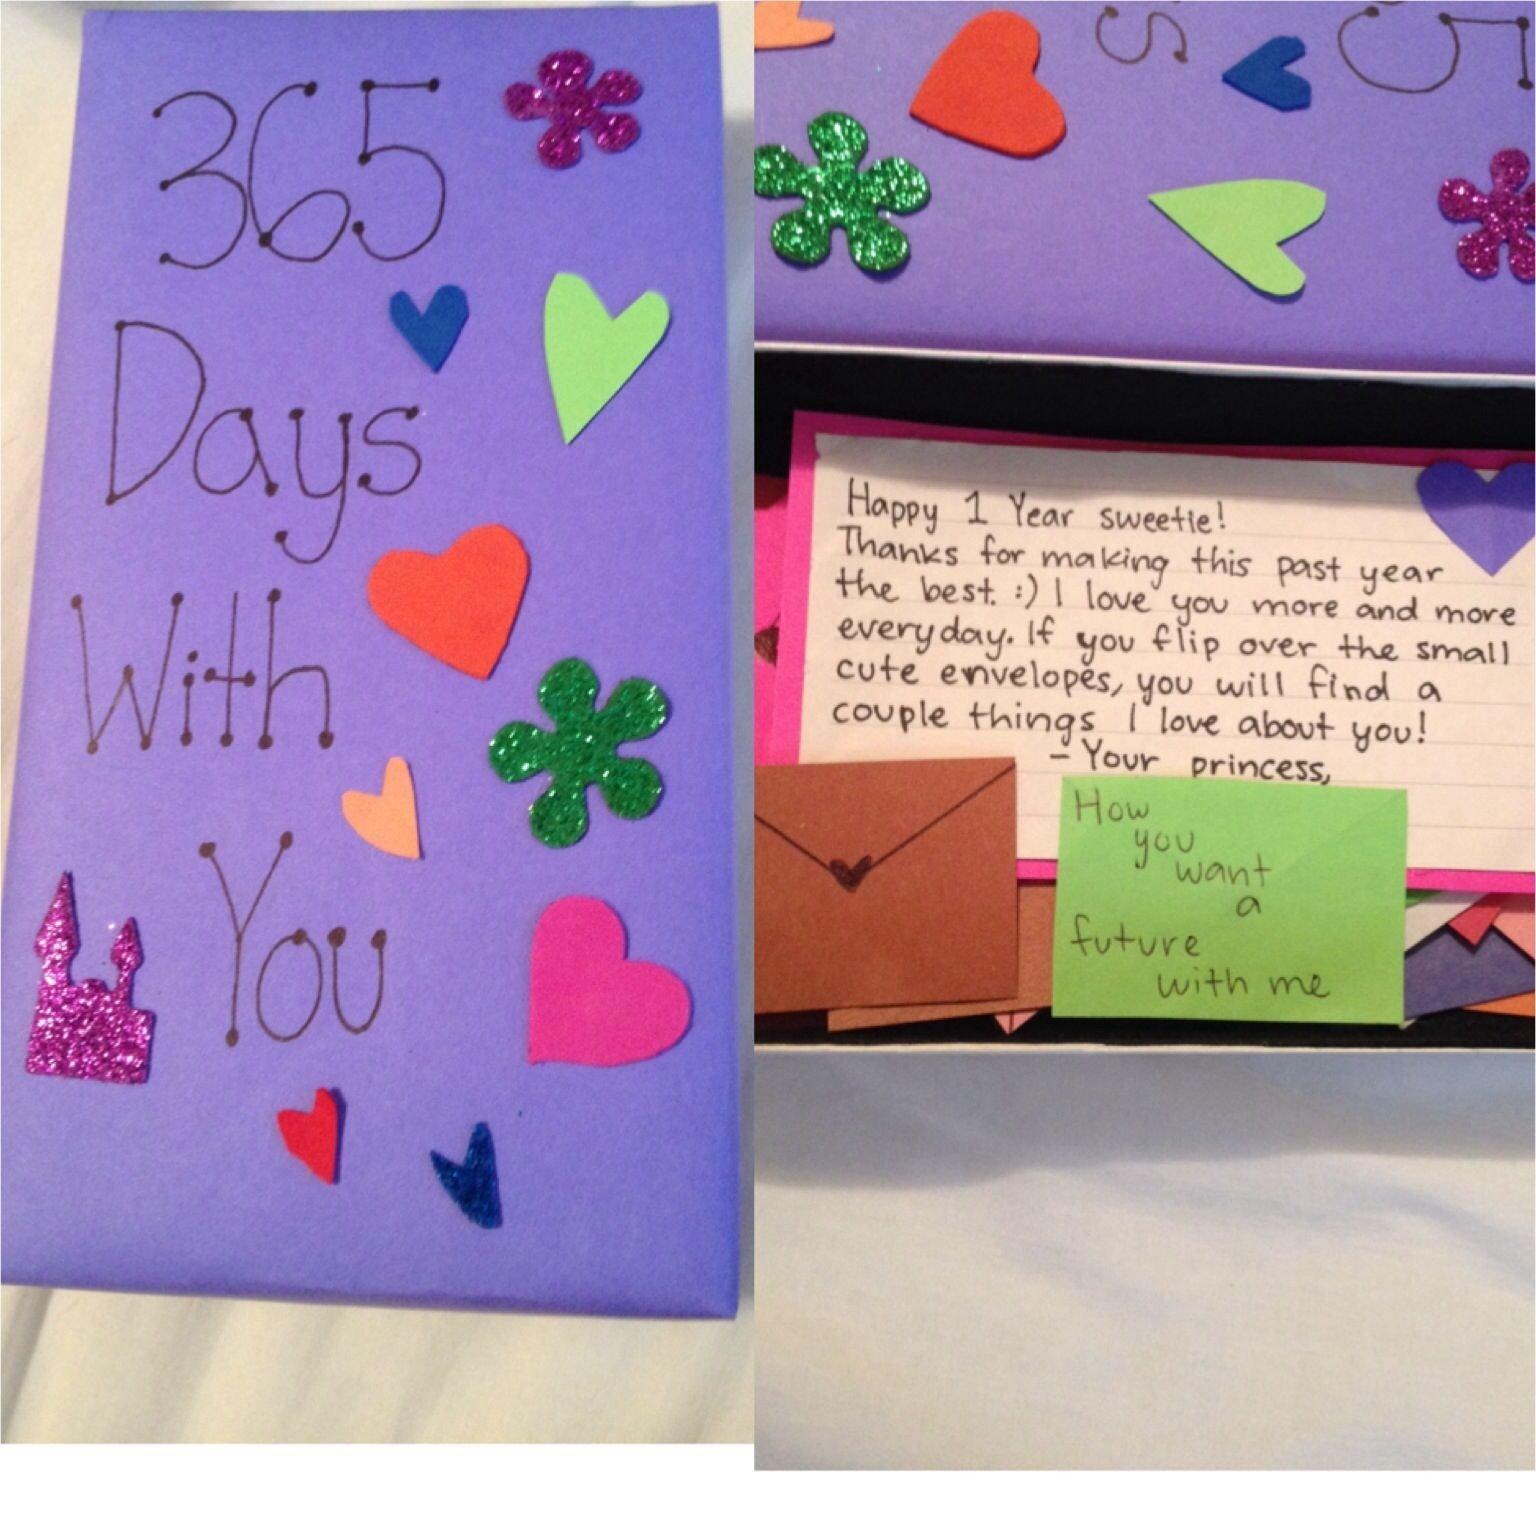 10 Unique 1 Year Anniversary Ideas Him 1 year anniversary gift for my boyfriend that i made boyfriend 1 2020